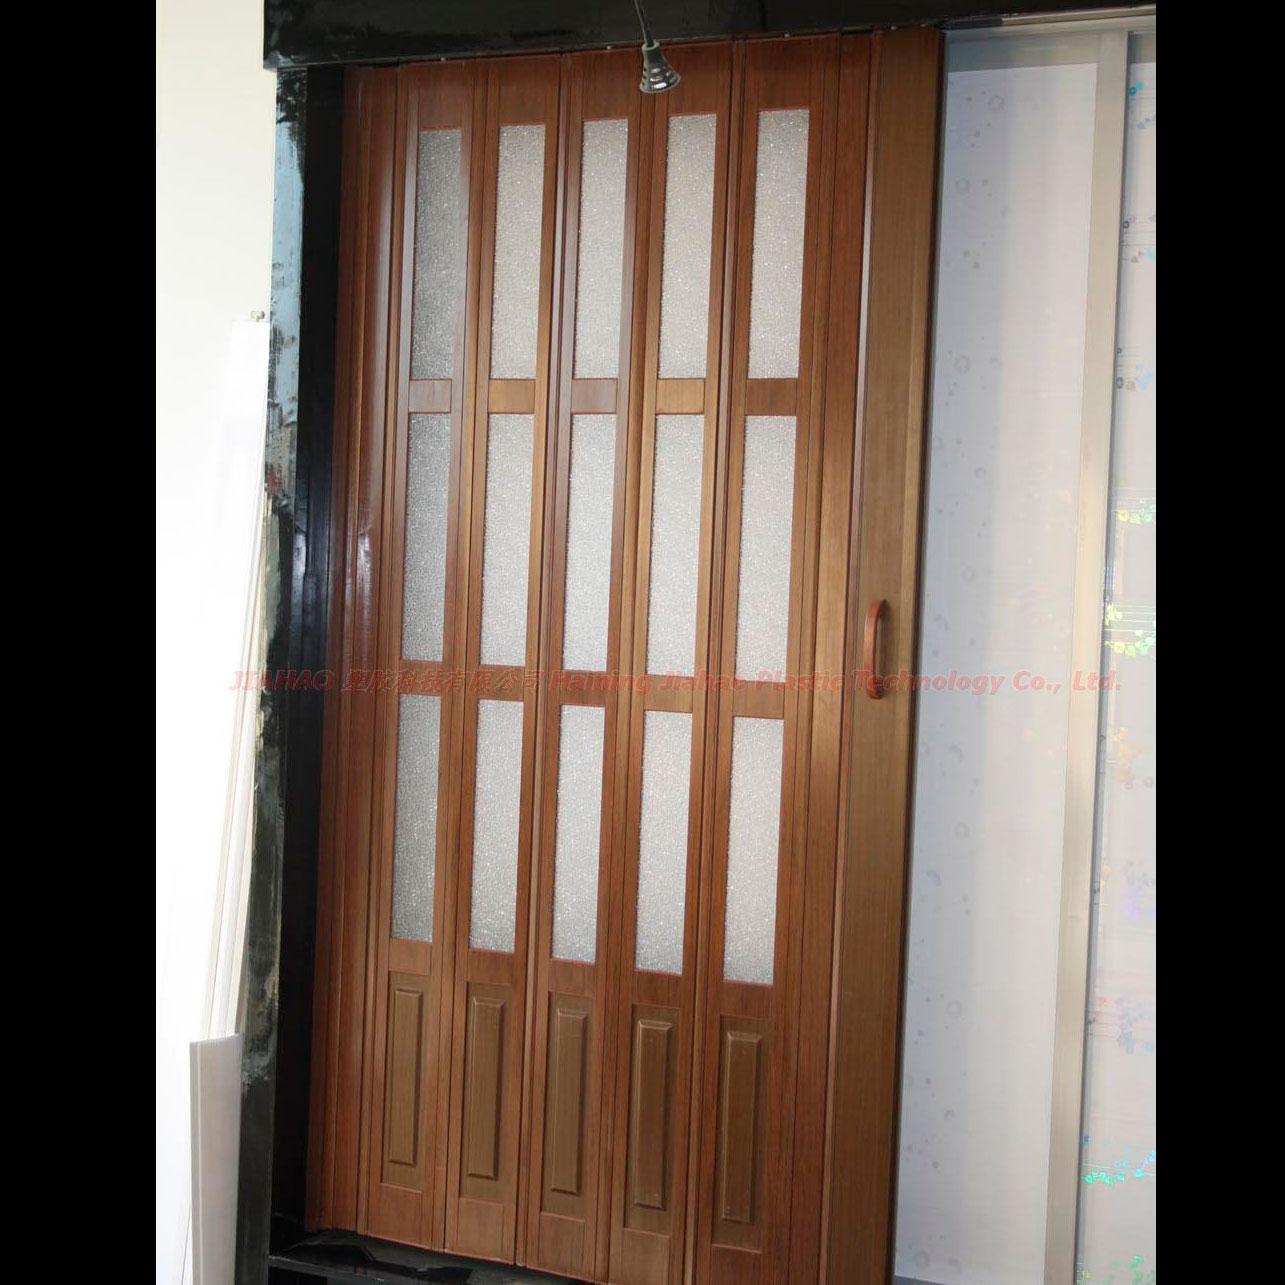 Puerta plegable de pvc decorativa a la medida cortinashd Cortinas plegables de pvc